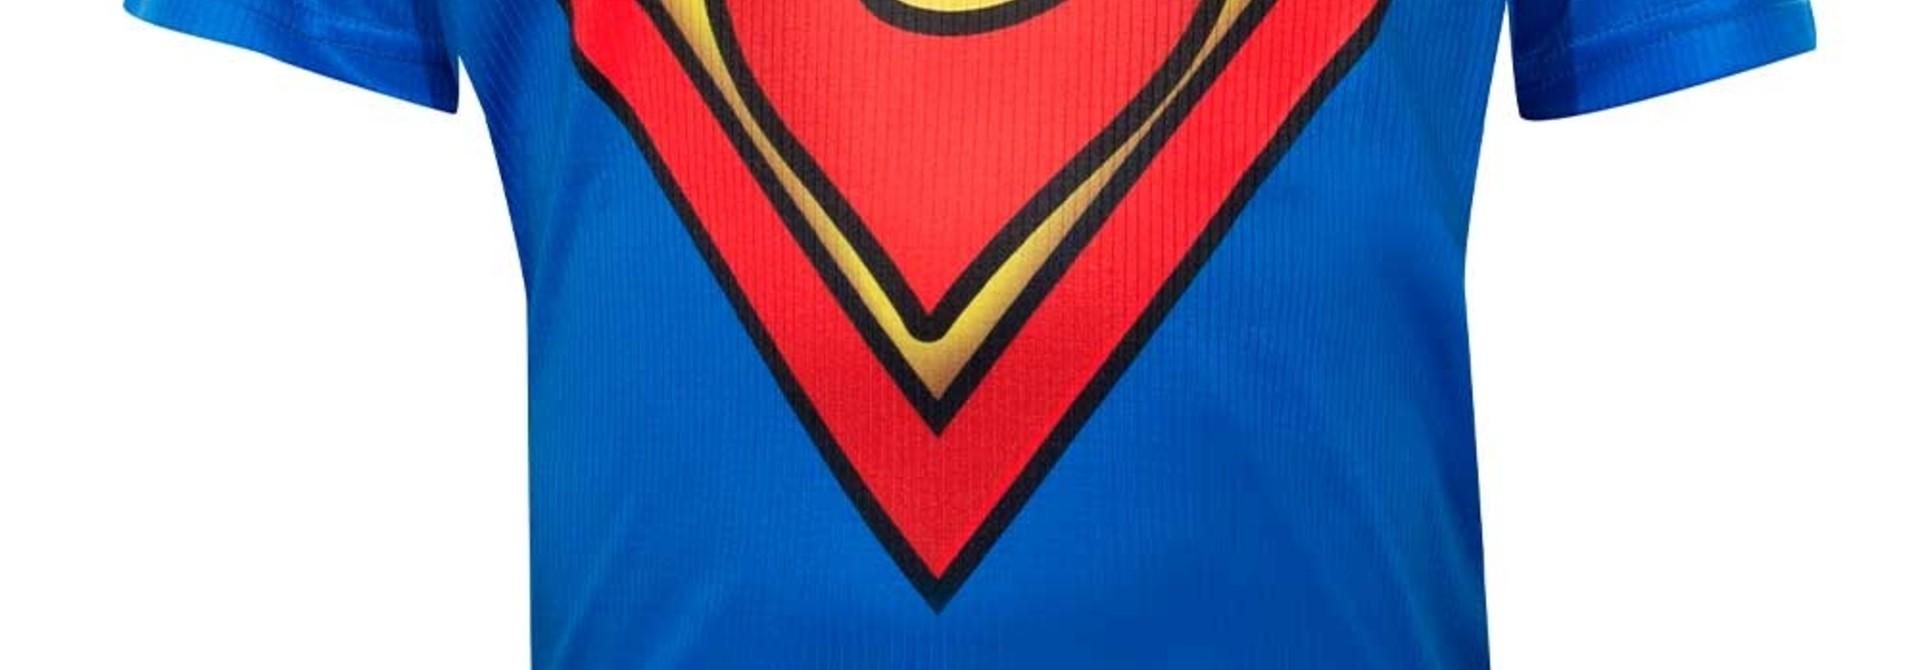 Kinder Shirt Superhero